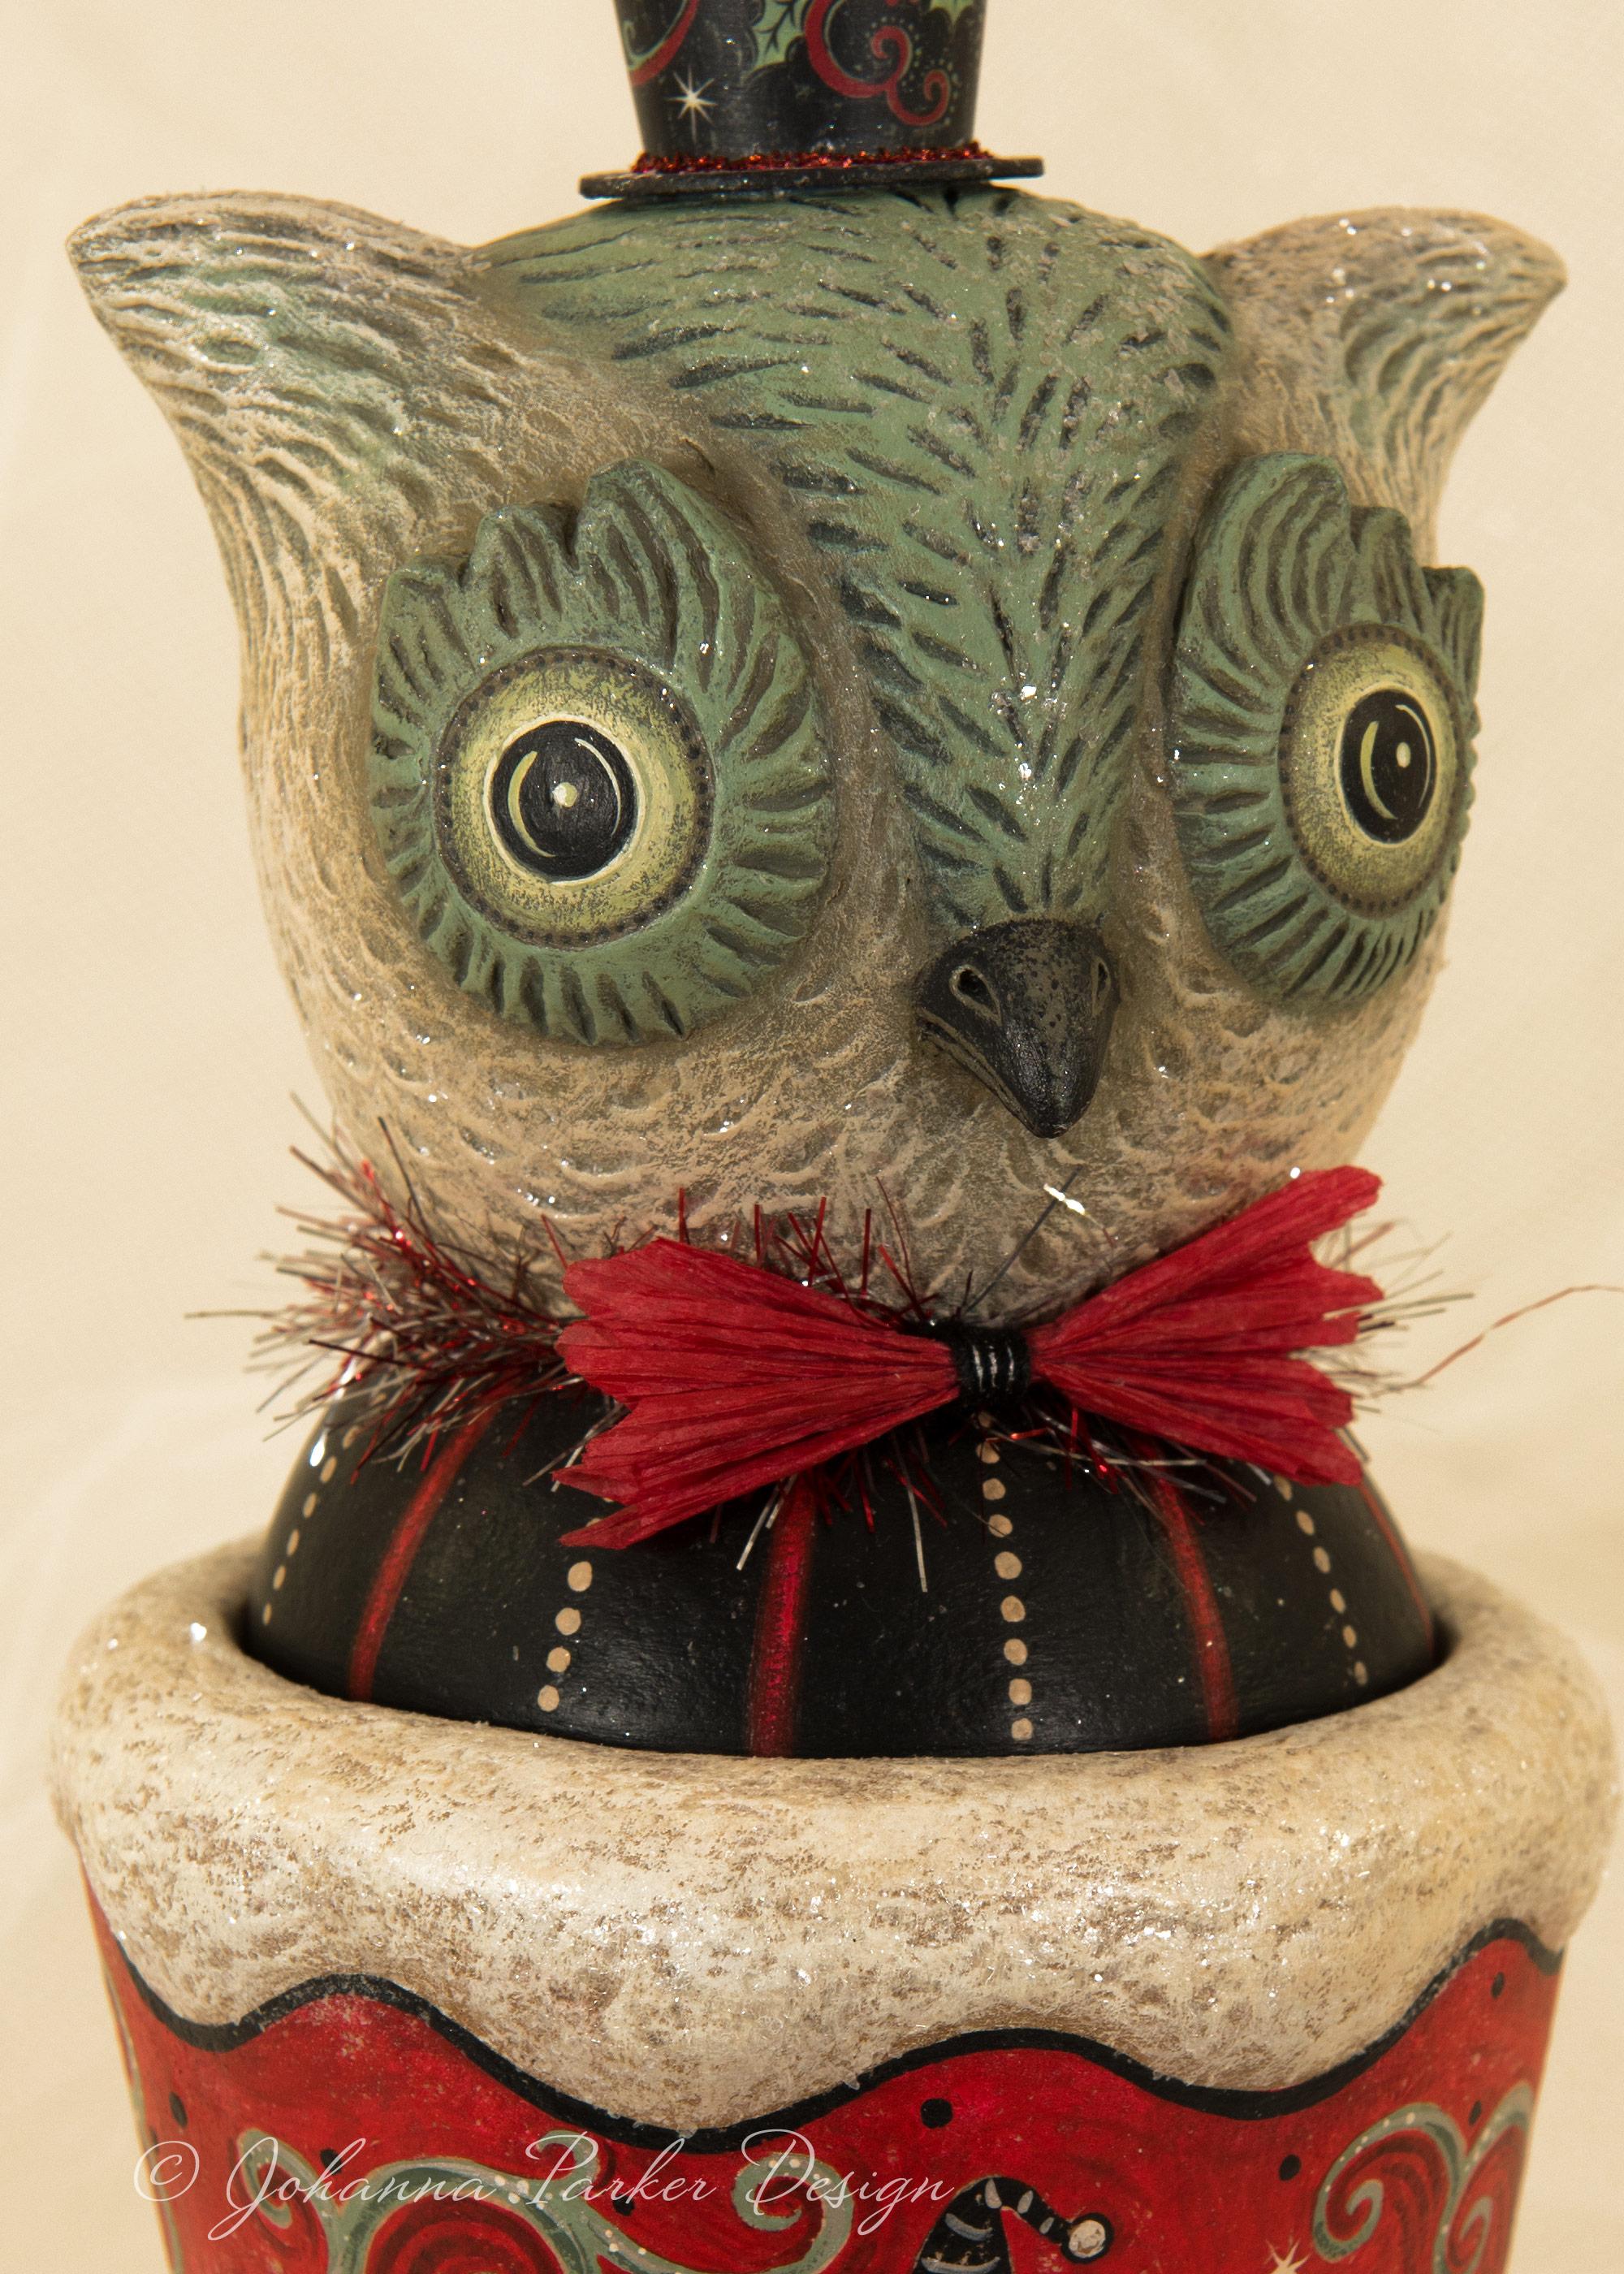 Johanna-Parker-Arthur-Owl-Merriwinter-2.jpg